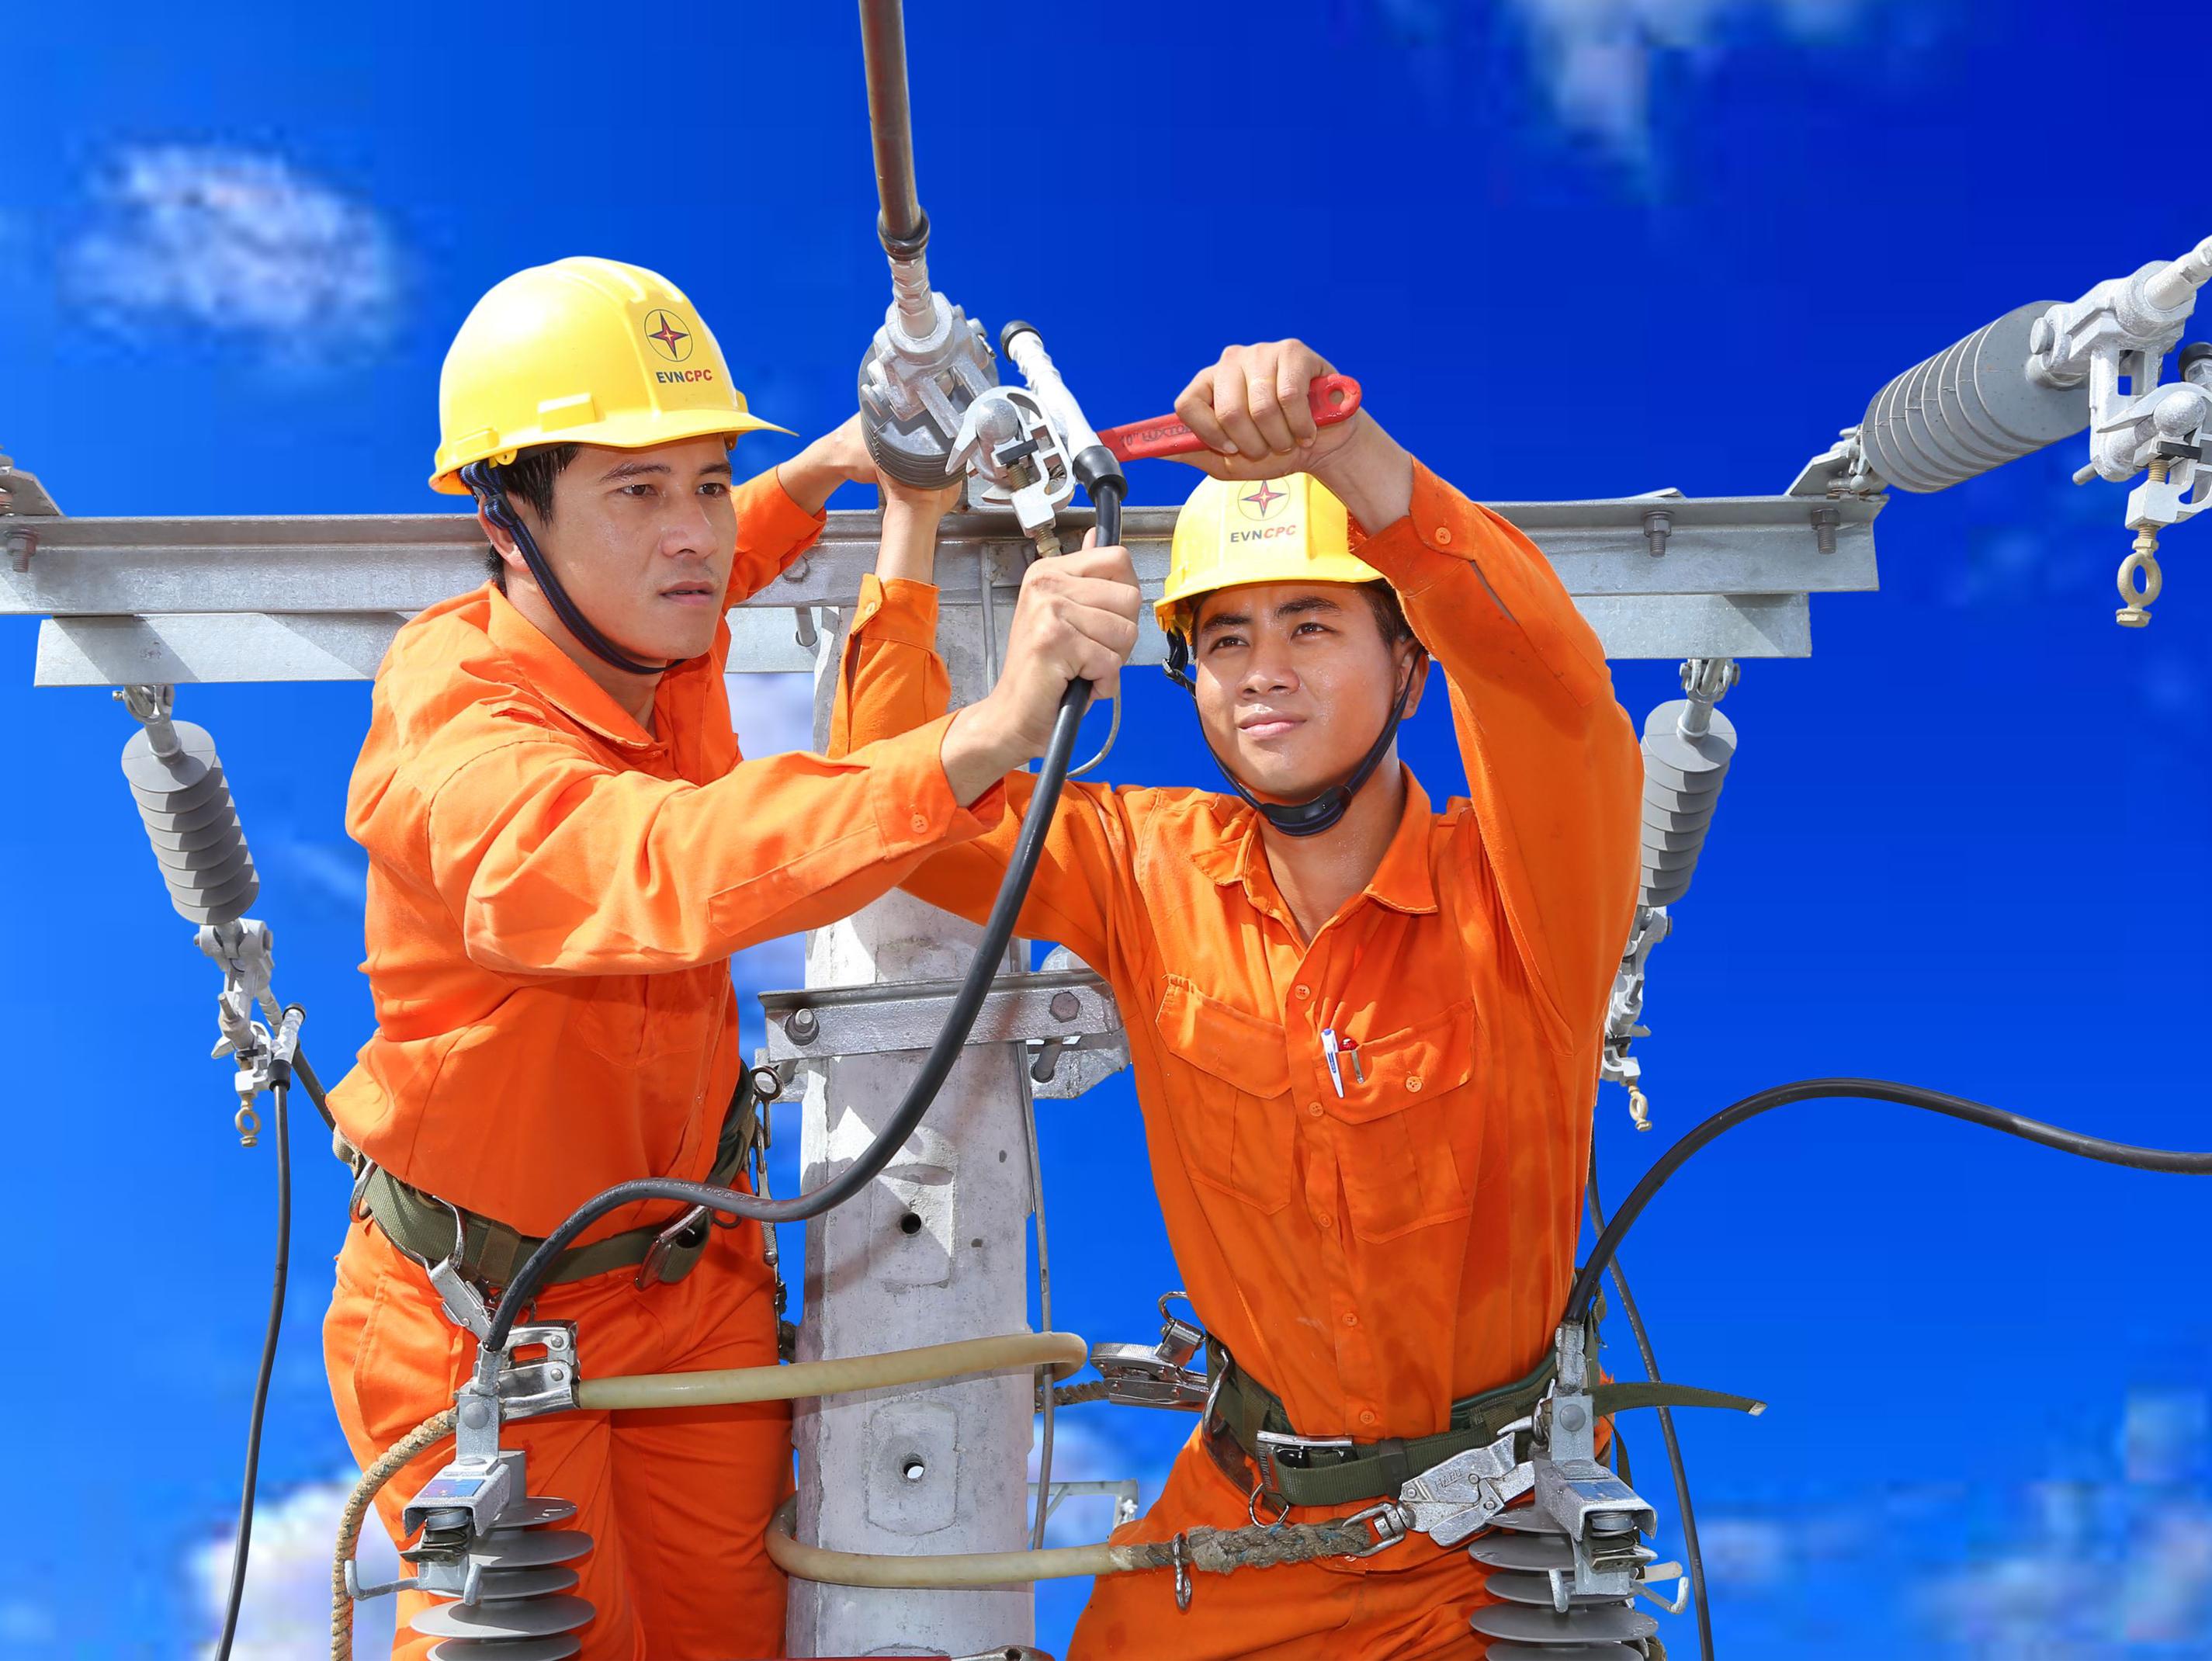 Mùa Xuân suy ngẫm về bốn mùa vất vả của người thợ điện